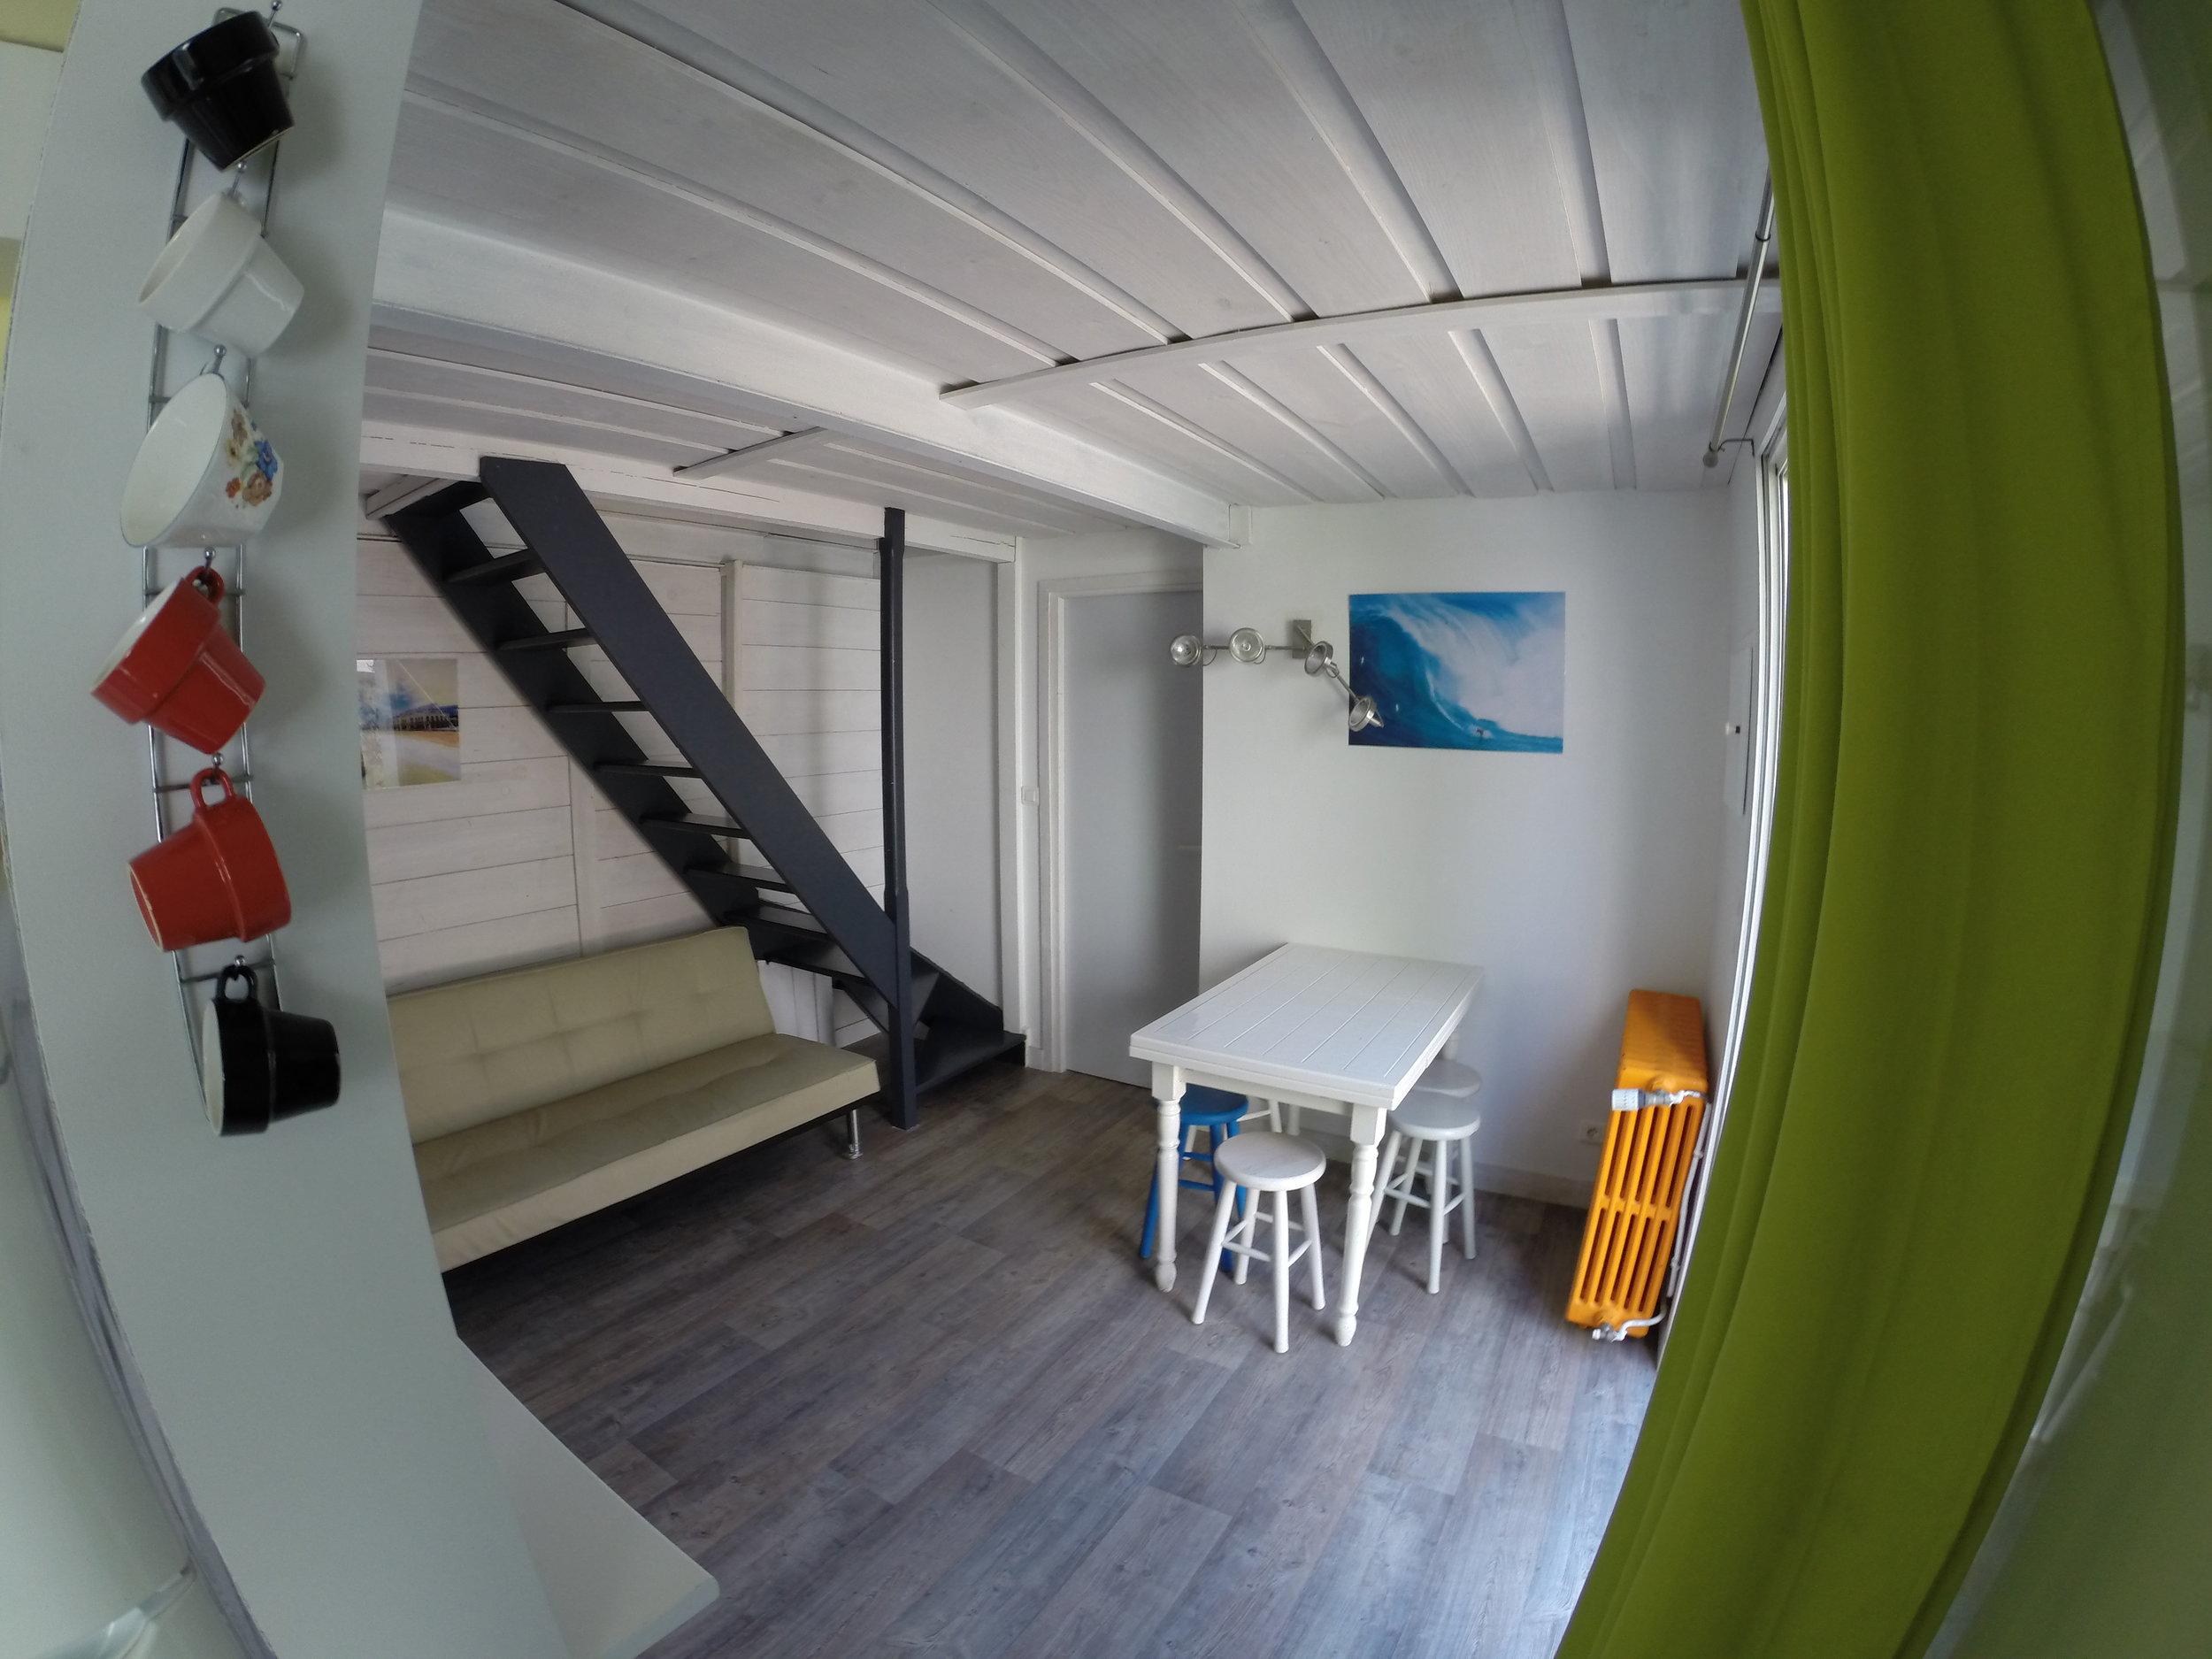 surf camp biarritz Maison Surf House, la cote des basques - salon